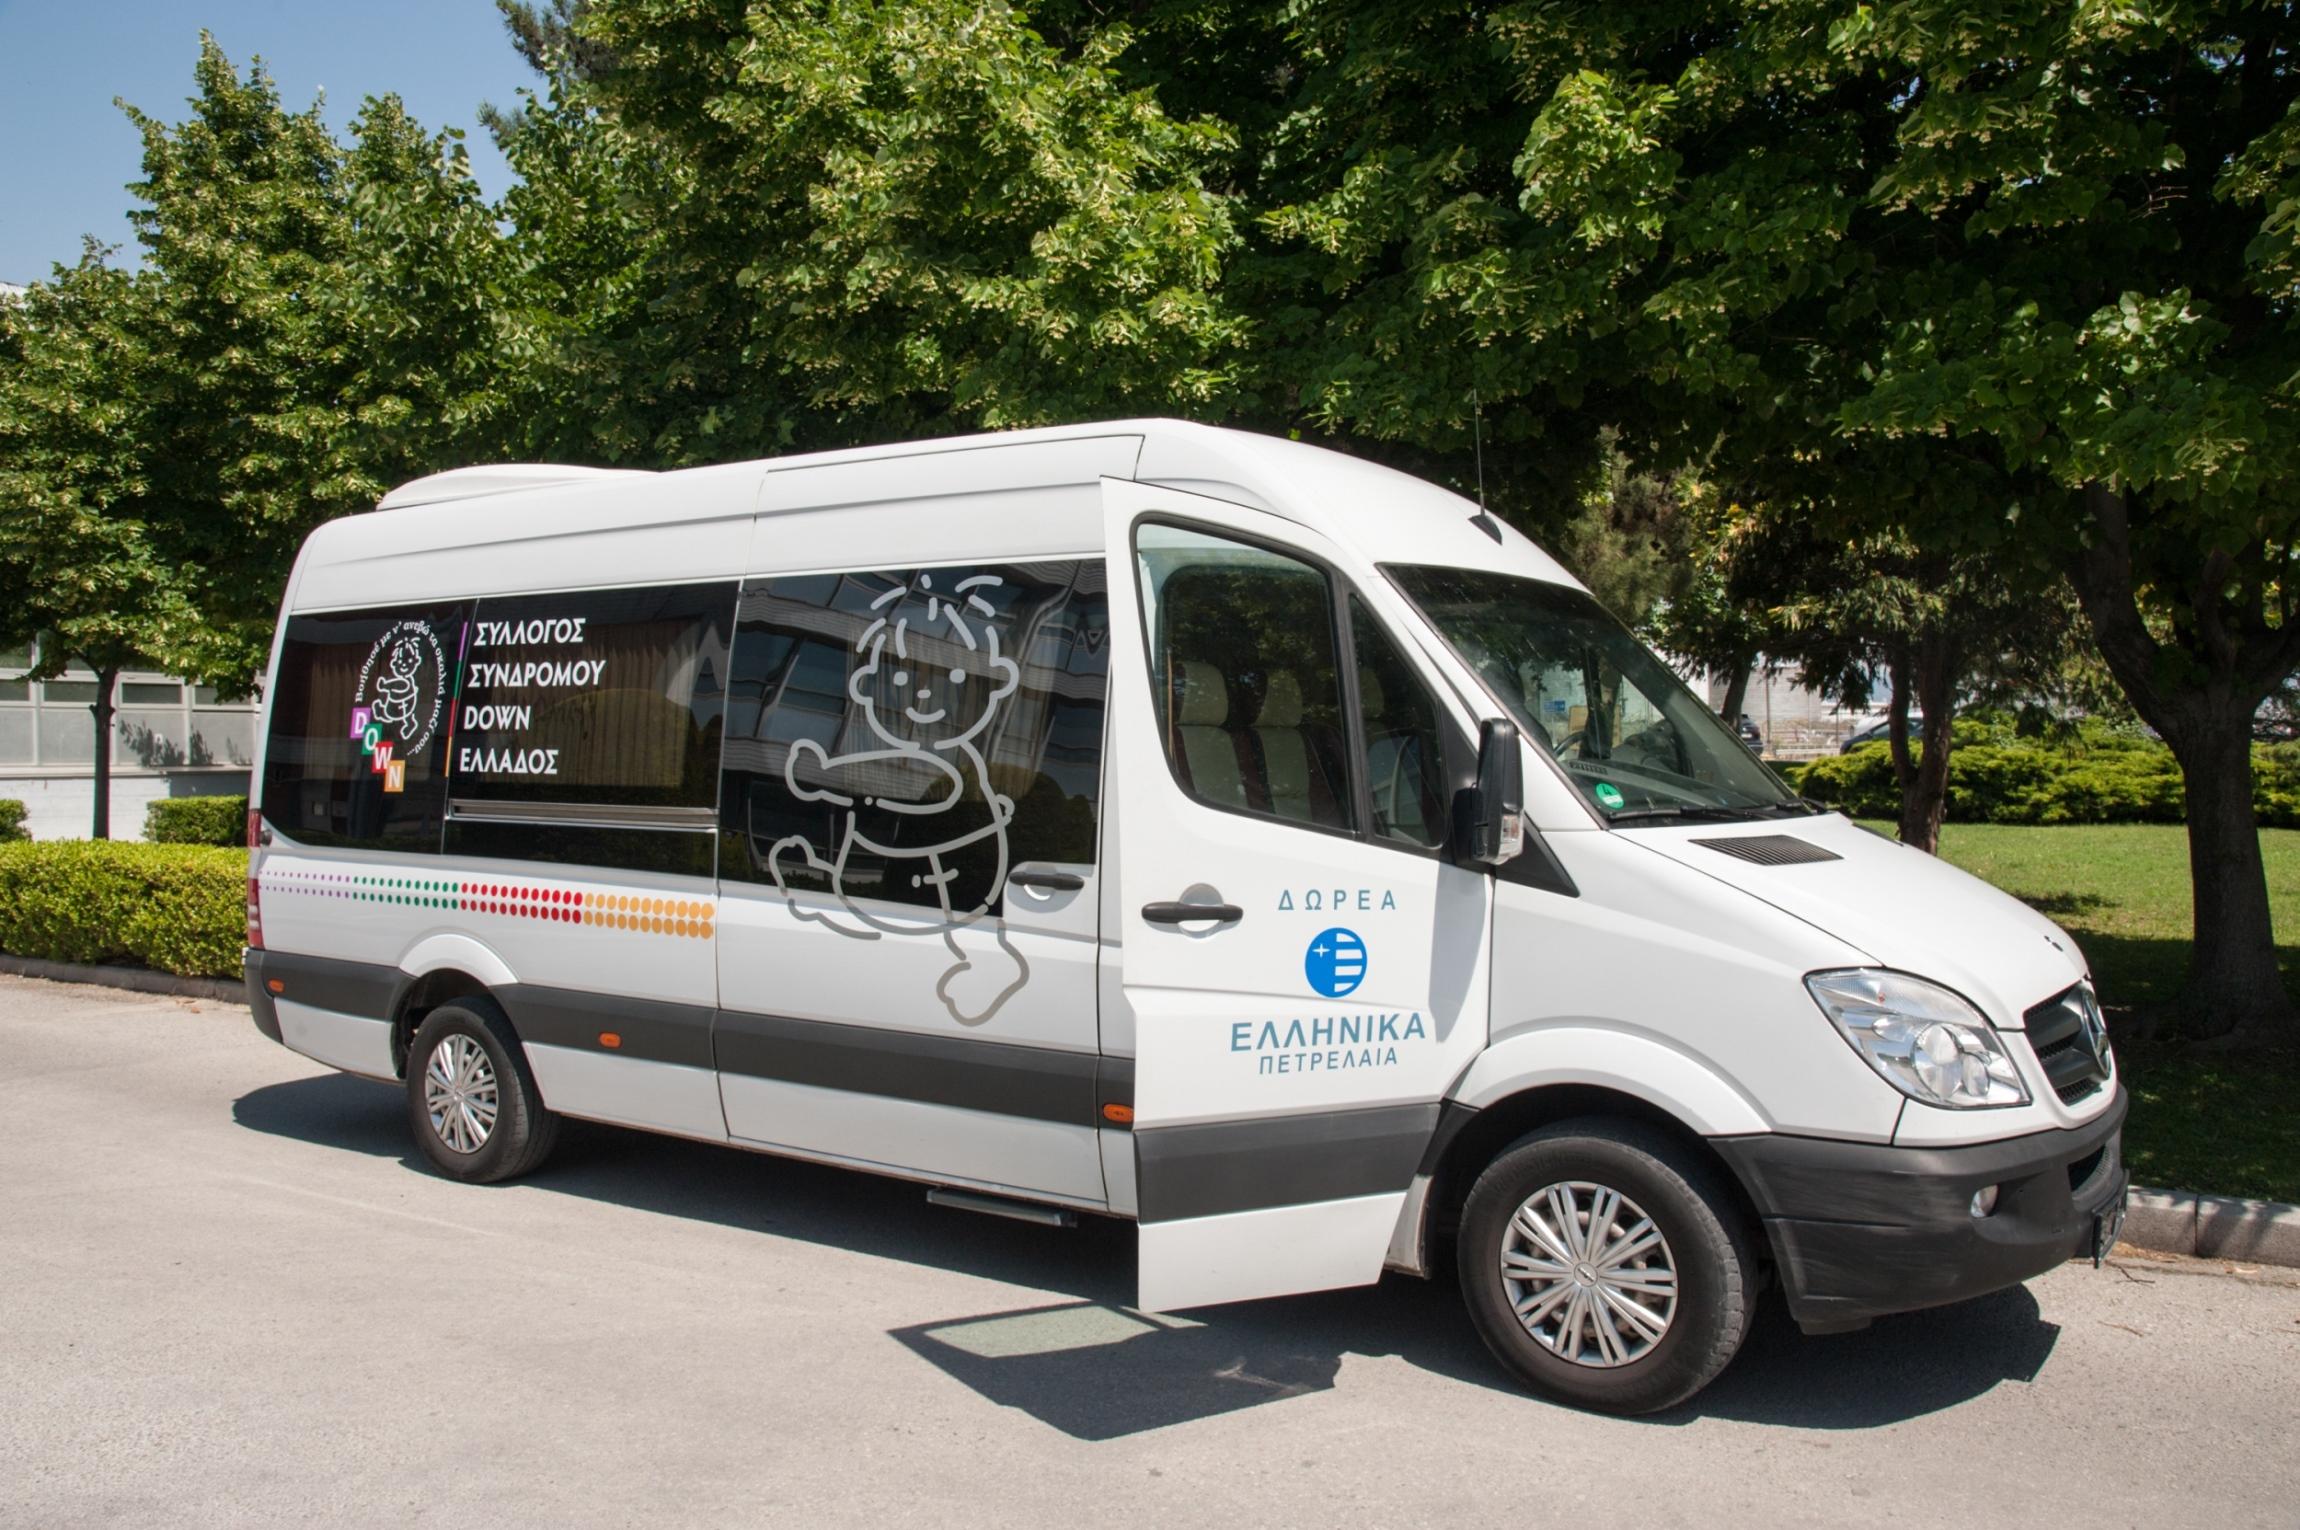 ΕΛΠΕ: Δωρεά Οχήματος στον «Σύλλογο Συνδρόμου Down Ελλάδος»